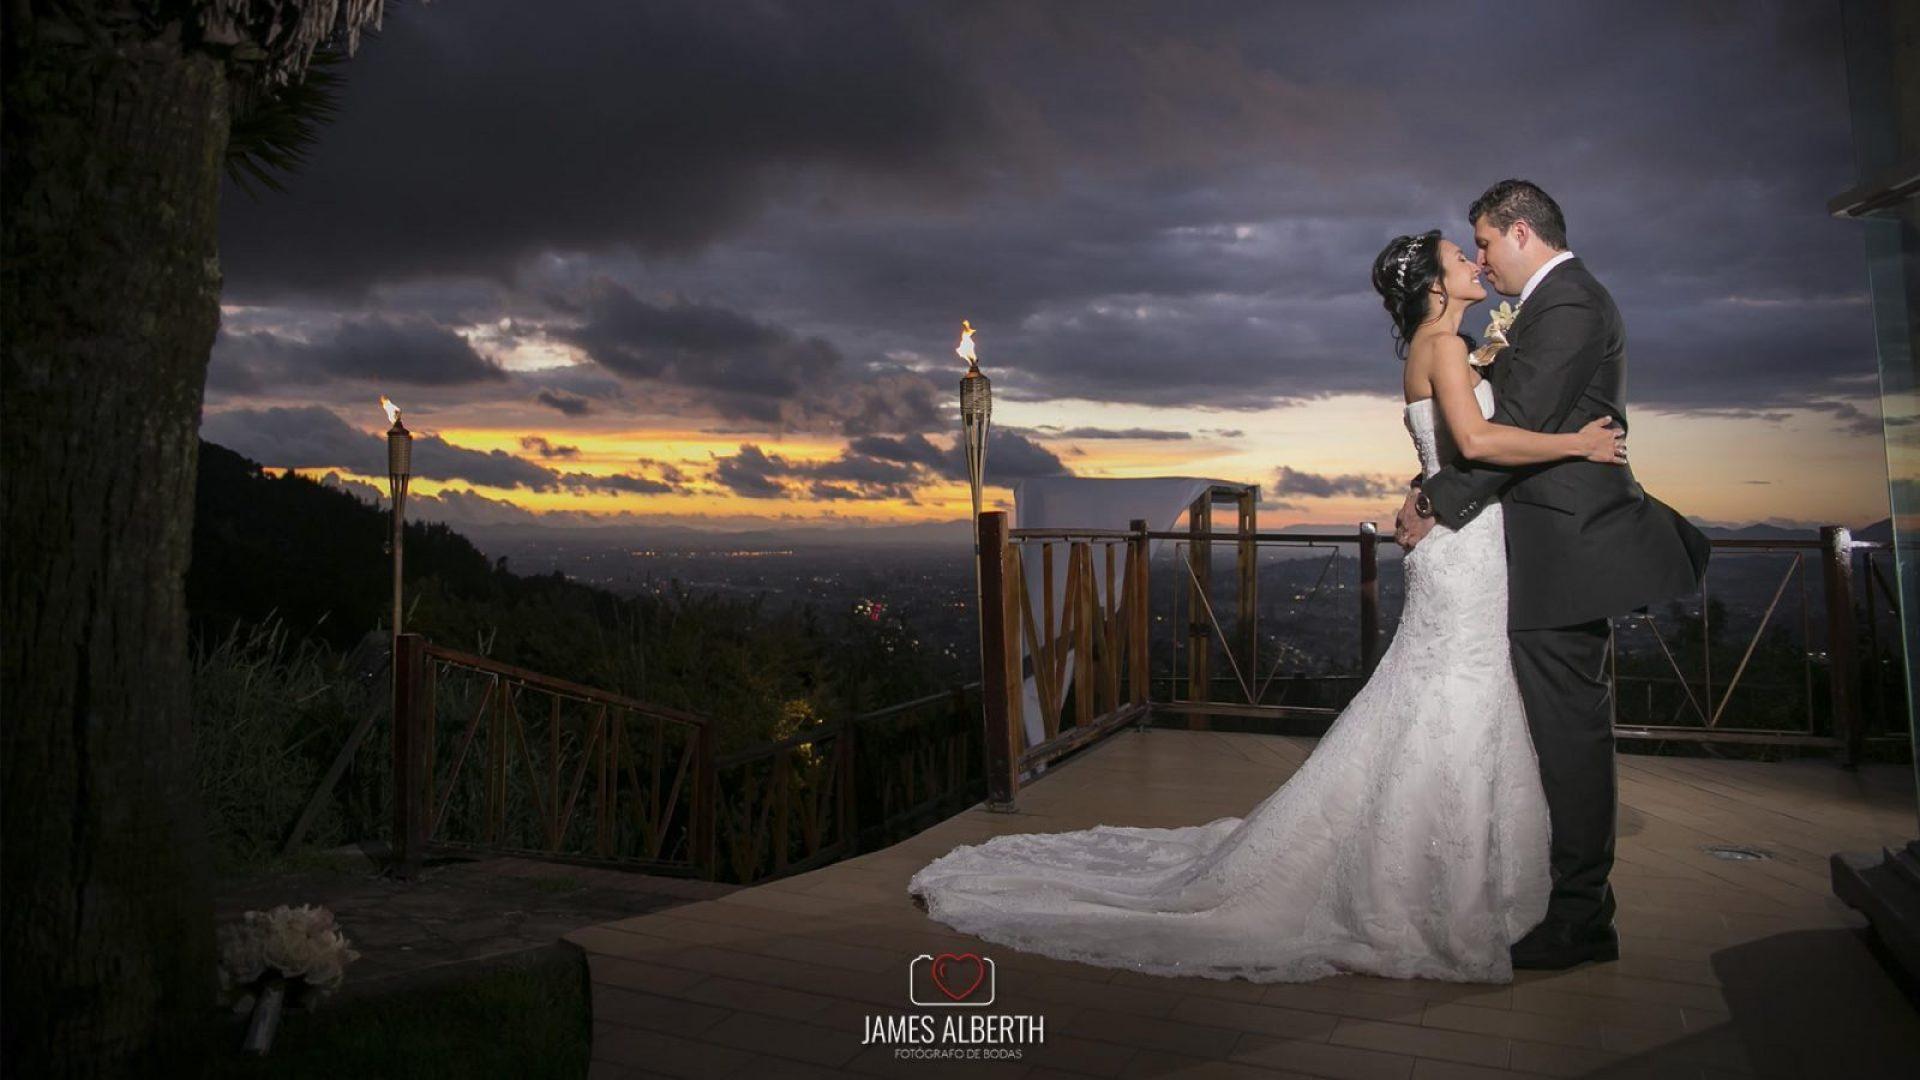 fotografo-de-bodas-james-alberth-fotografias-de-bodas-en-la-calera-bahia-centro-de-convenciones